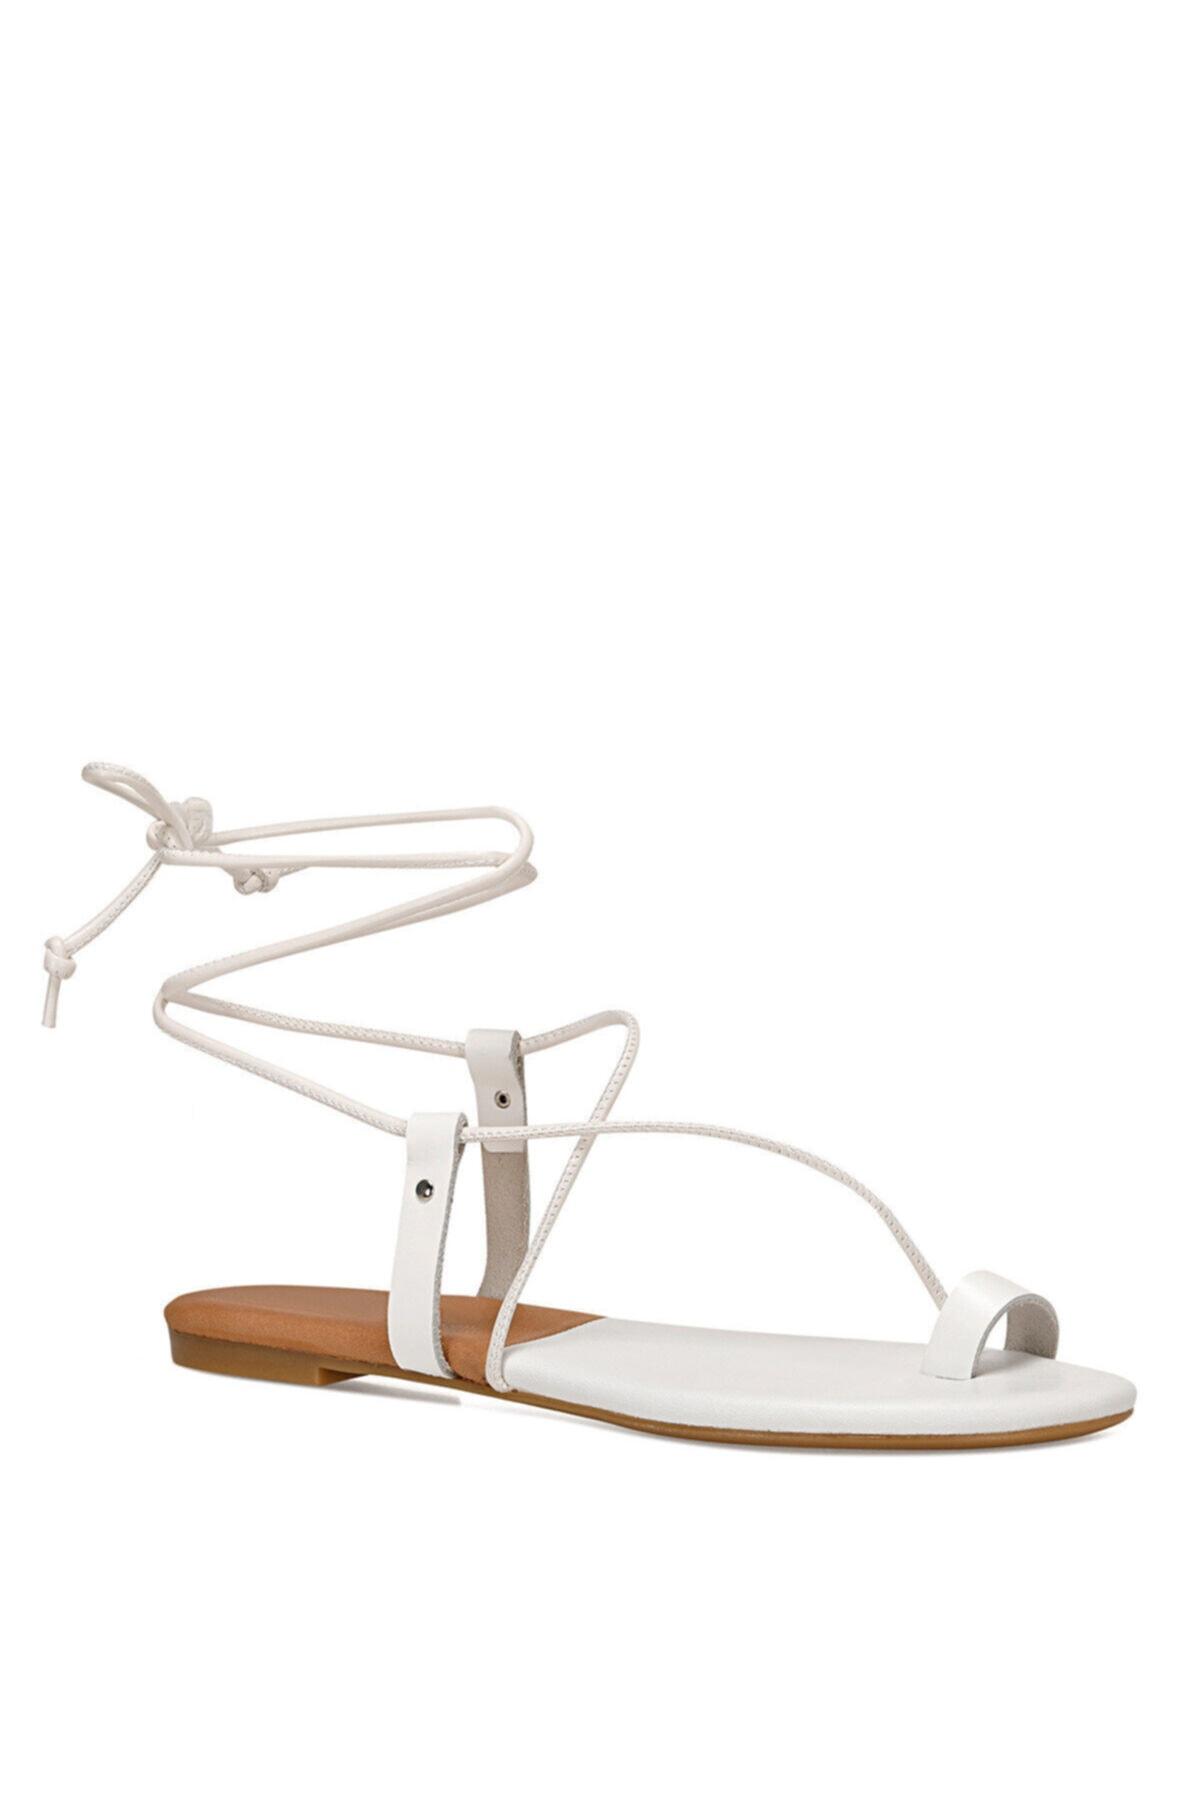 Nine West ALEX Beyaz Kadın Sandalet 100526325 2